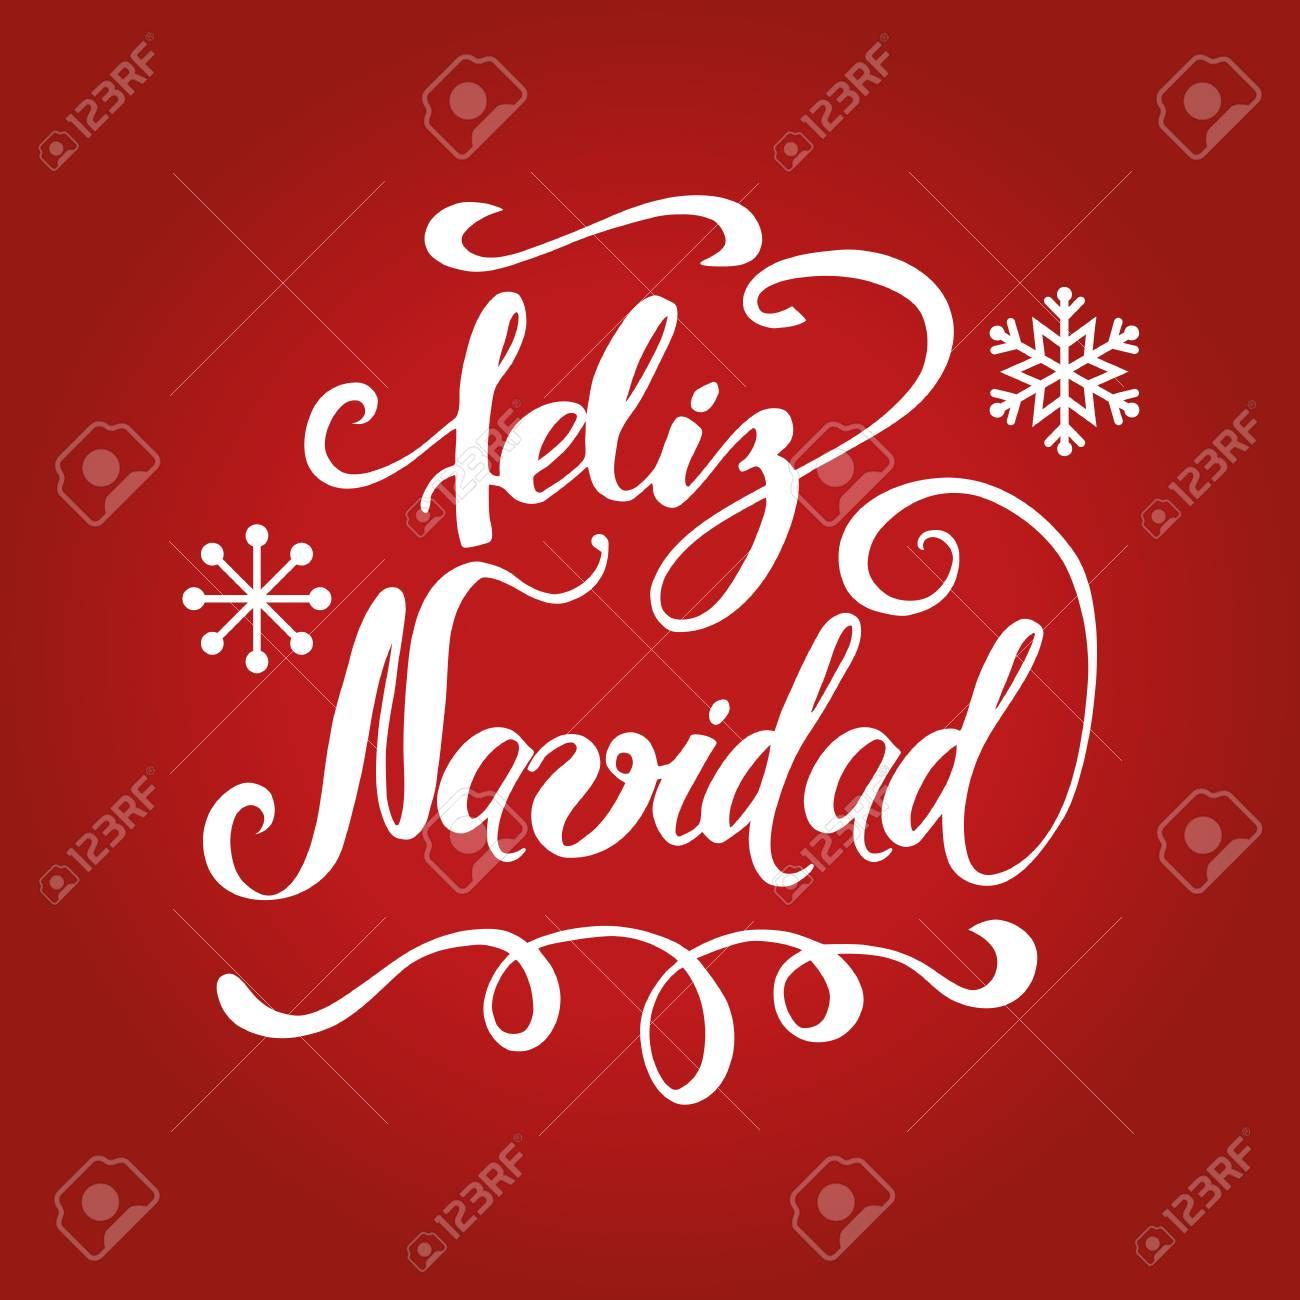 Noel En Espagnol Texte De Lettrage à La Main Illustration De Vecteur Joyeux Noël En